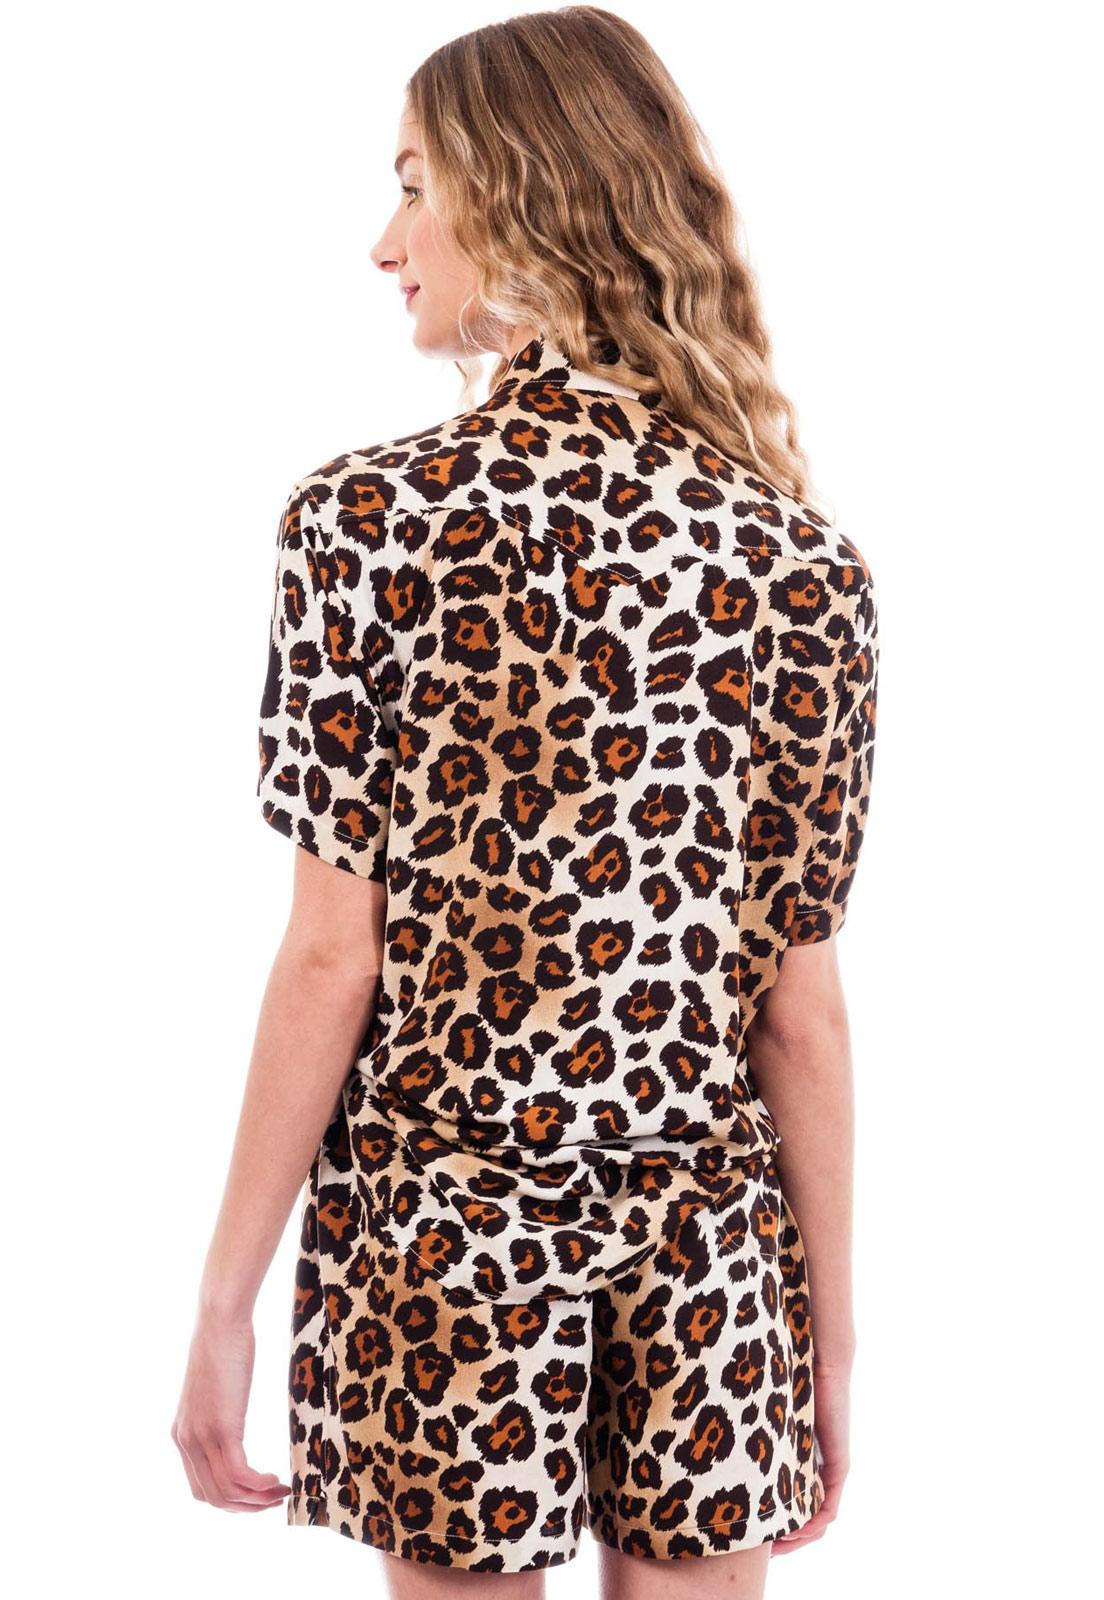 Camisa Oncinha Animal Print Estampada ElephunK Onça Clássica Marrom